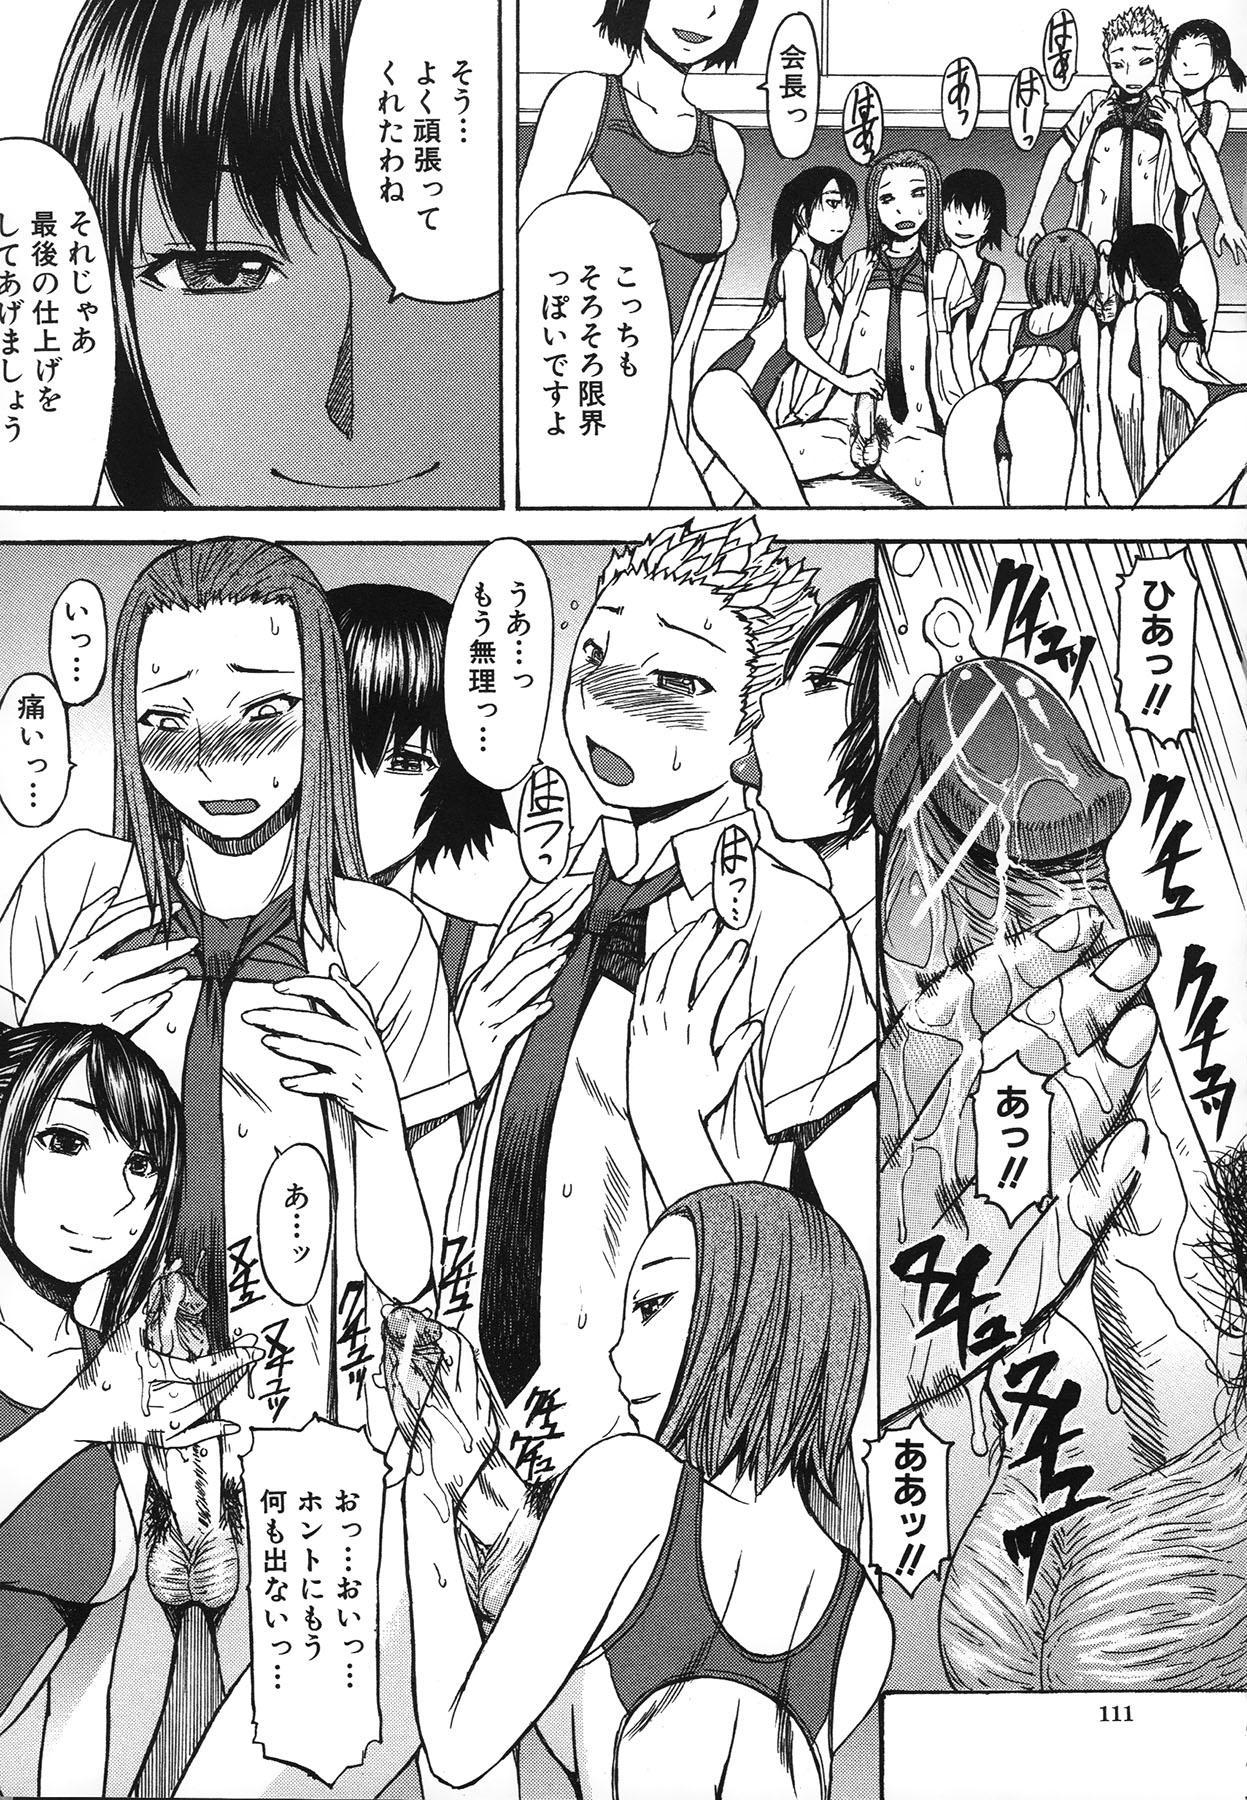 Ashigami 114